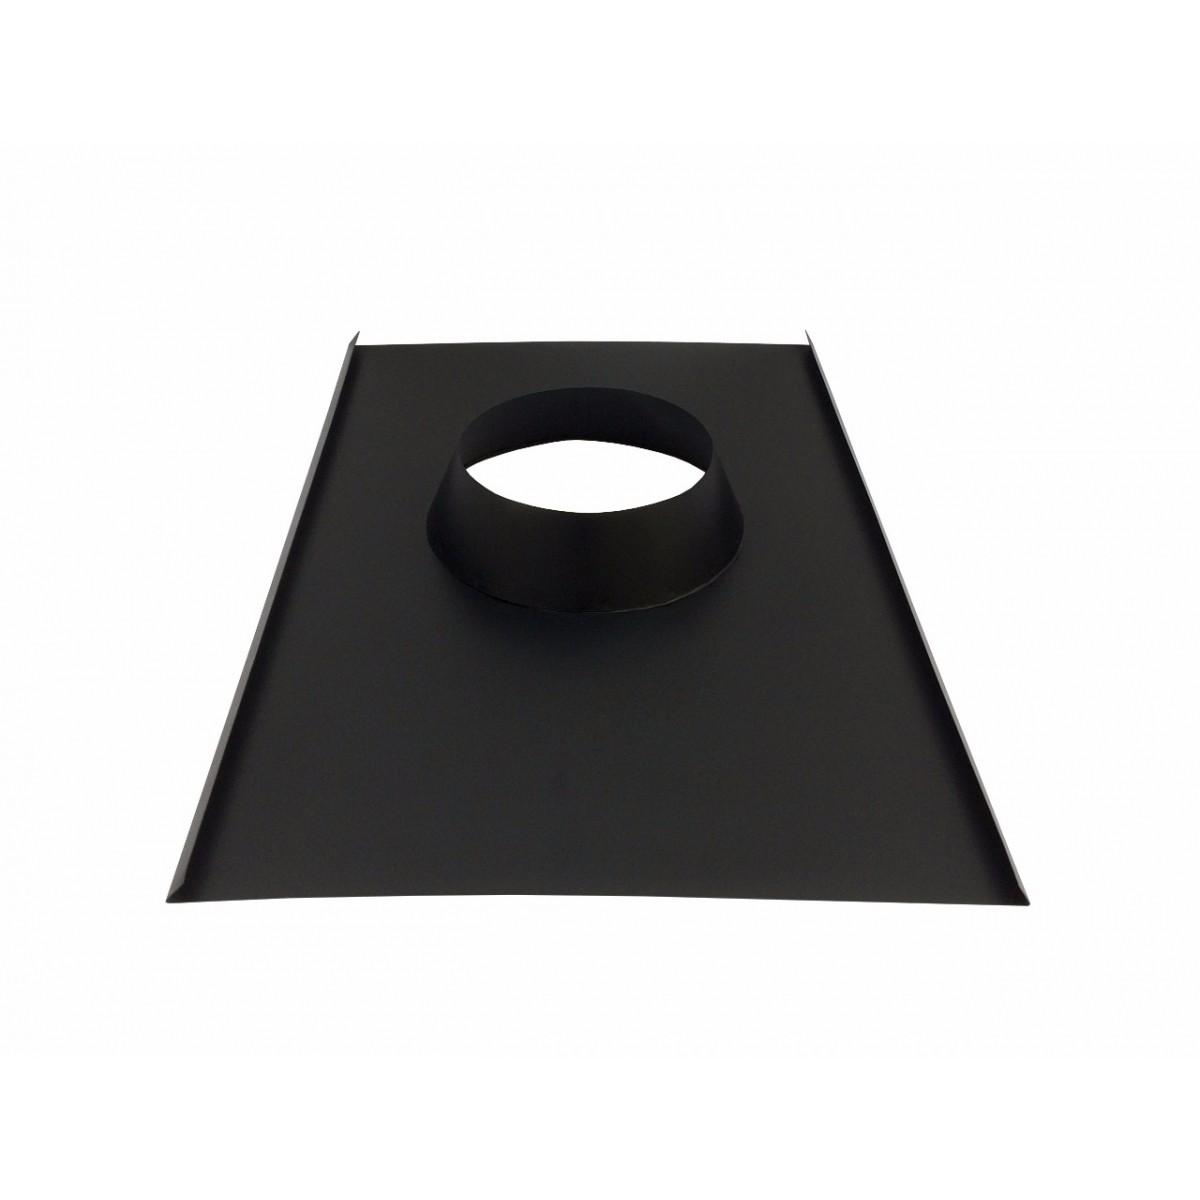 Rufo colarinho de telhado preto para chaminé de 150 mm de diâmetro  - Galvocalhas